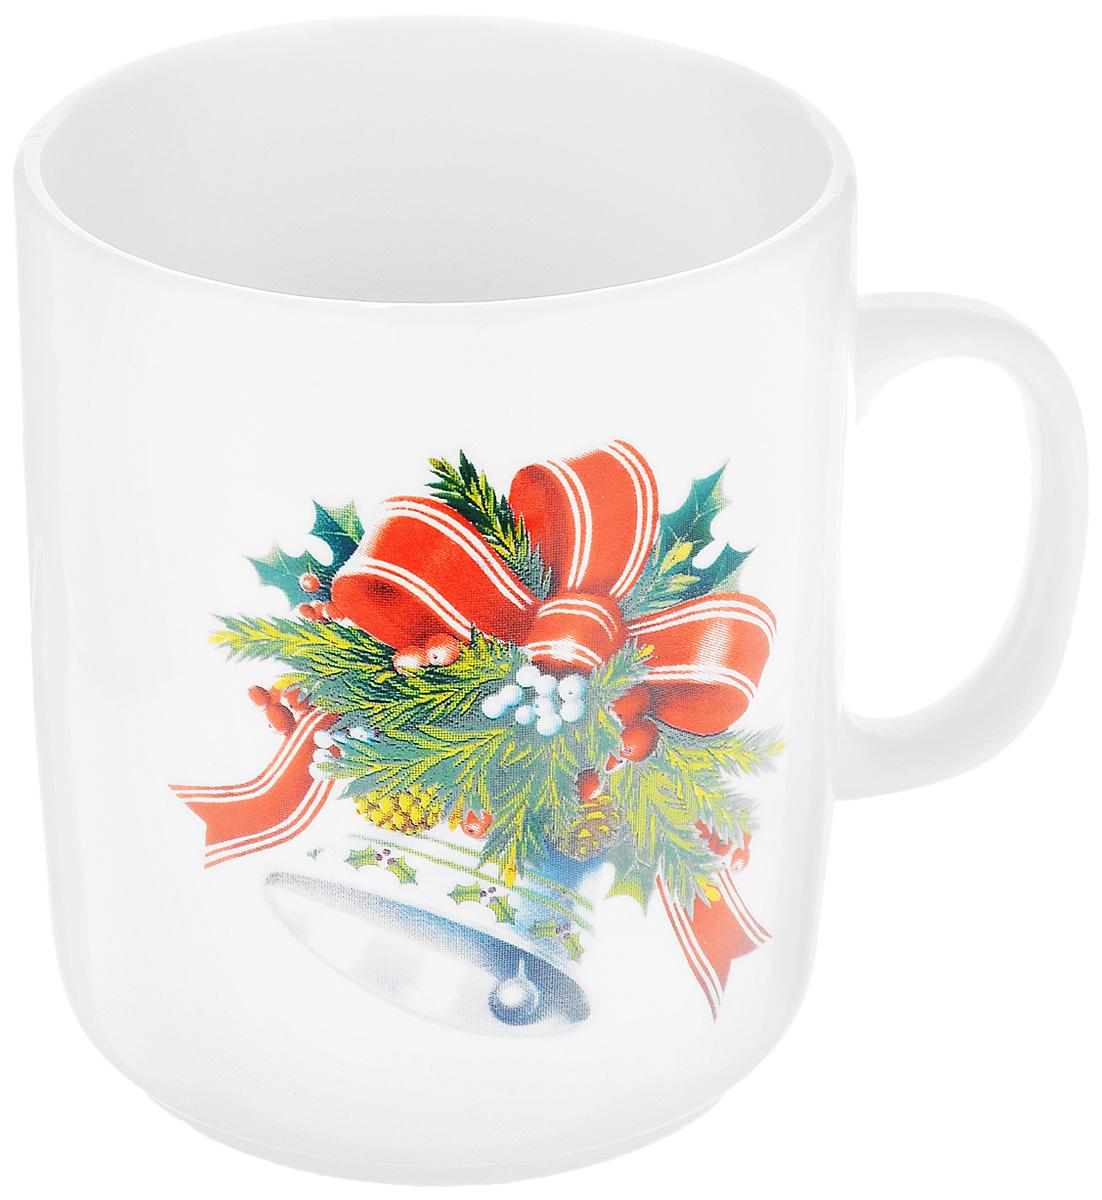 Кружка Фарфор Вербилок Колокольчик, 300 мл9272130Кружка Фарфор Вербилок Колокольчик способна скрасить любое чаепитие. Изделие выполнено из высококачественного фарфора. Посуда из такого материала позволяет сохранить истинный вкус напитка, а также помогает ему дольше оставаться теплым. Диаметр по верхнему краю: 8 см. Высота кружки: 9,5 см.